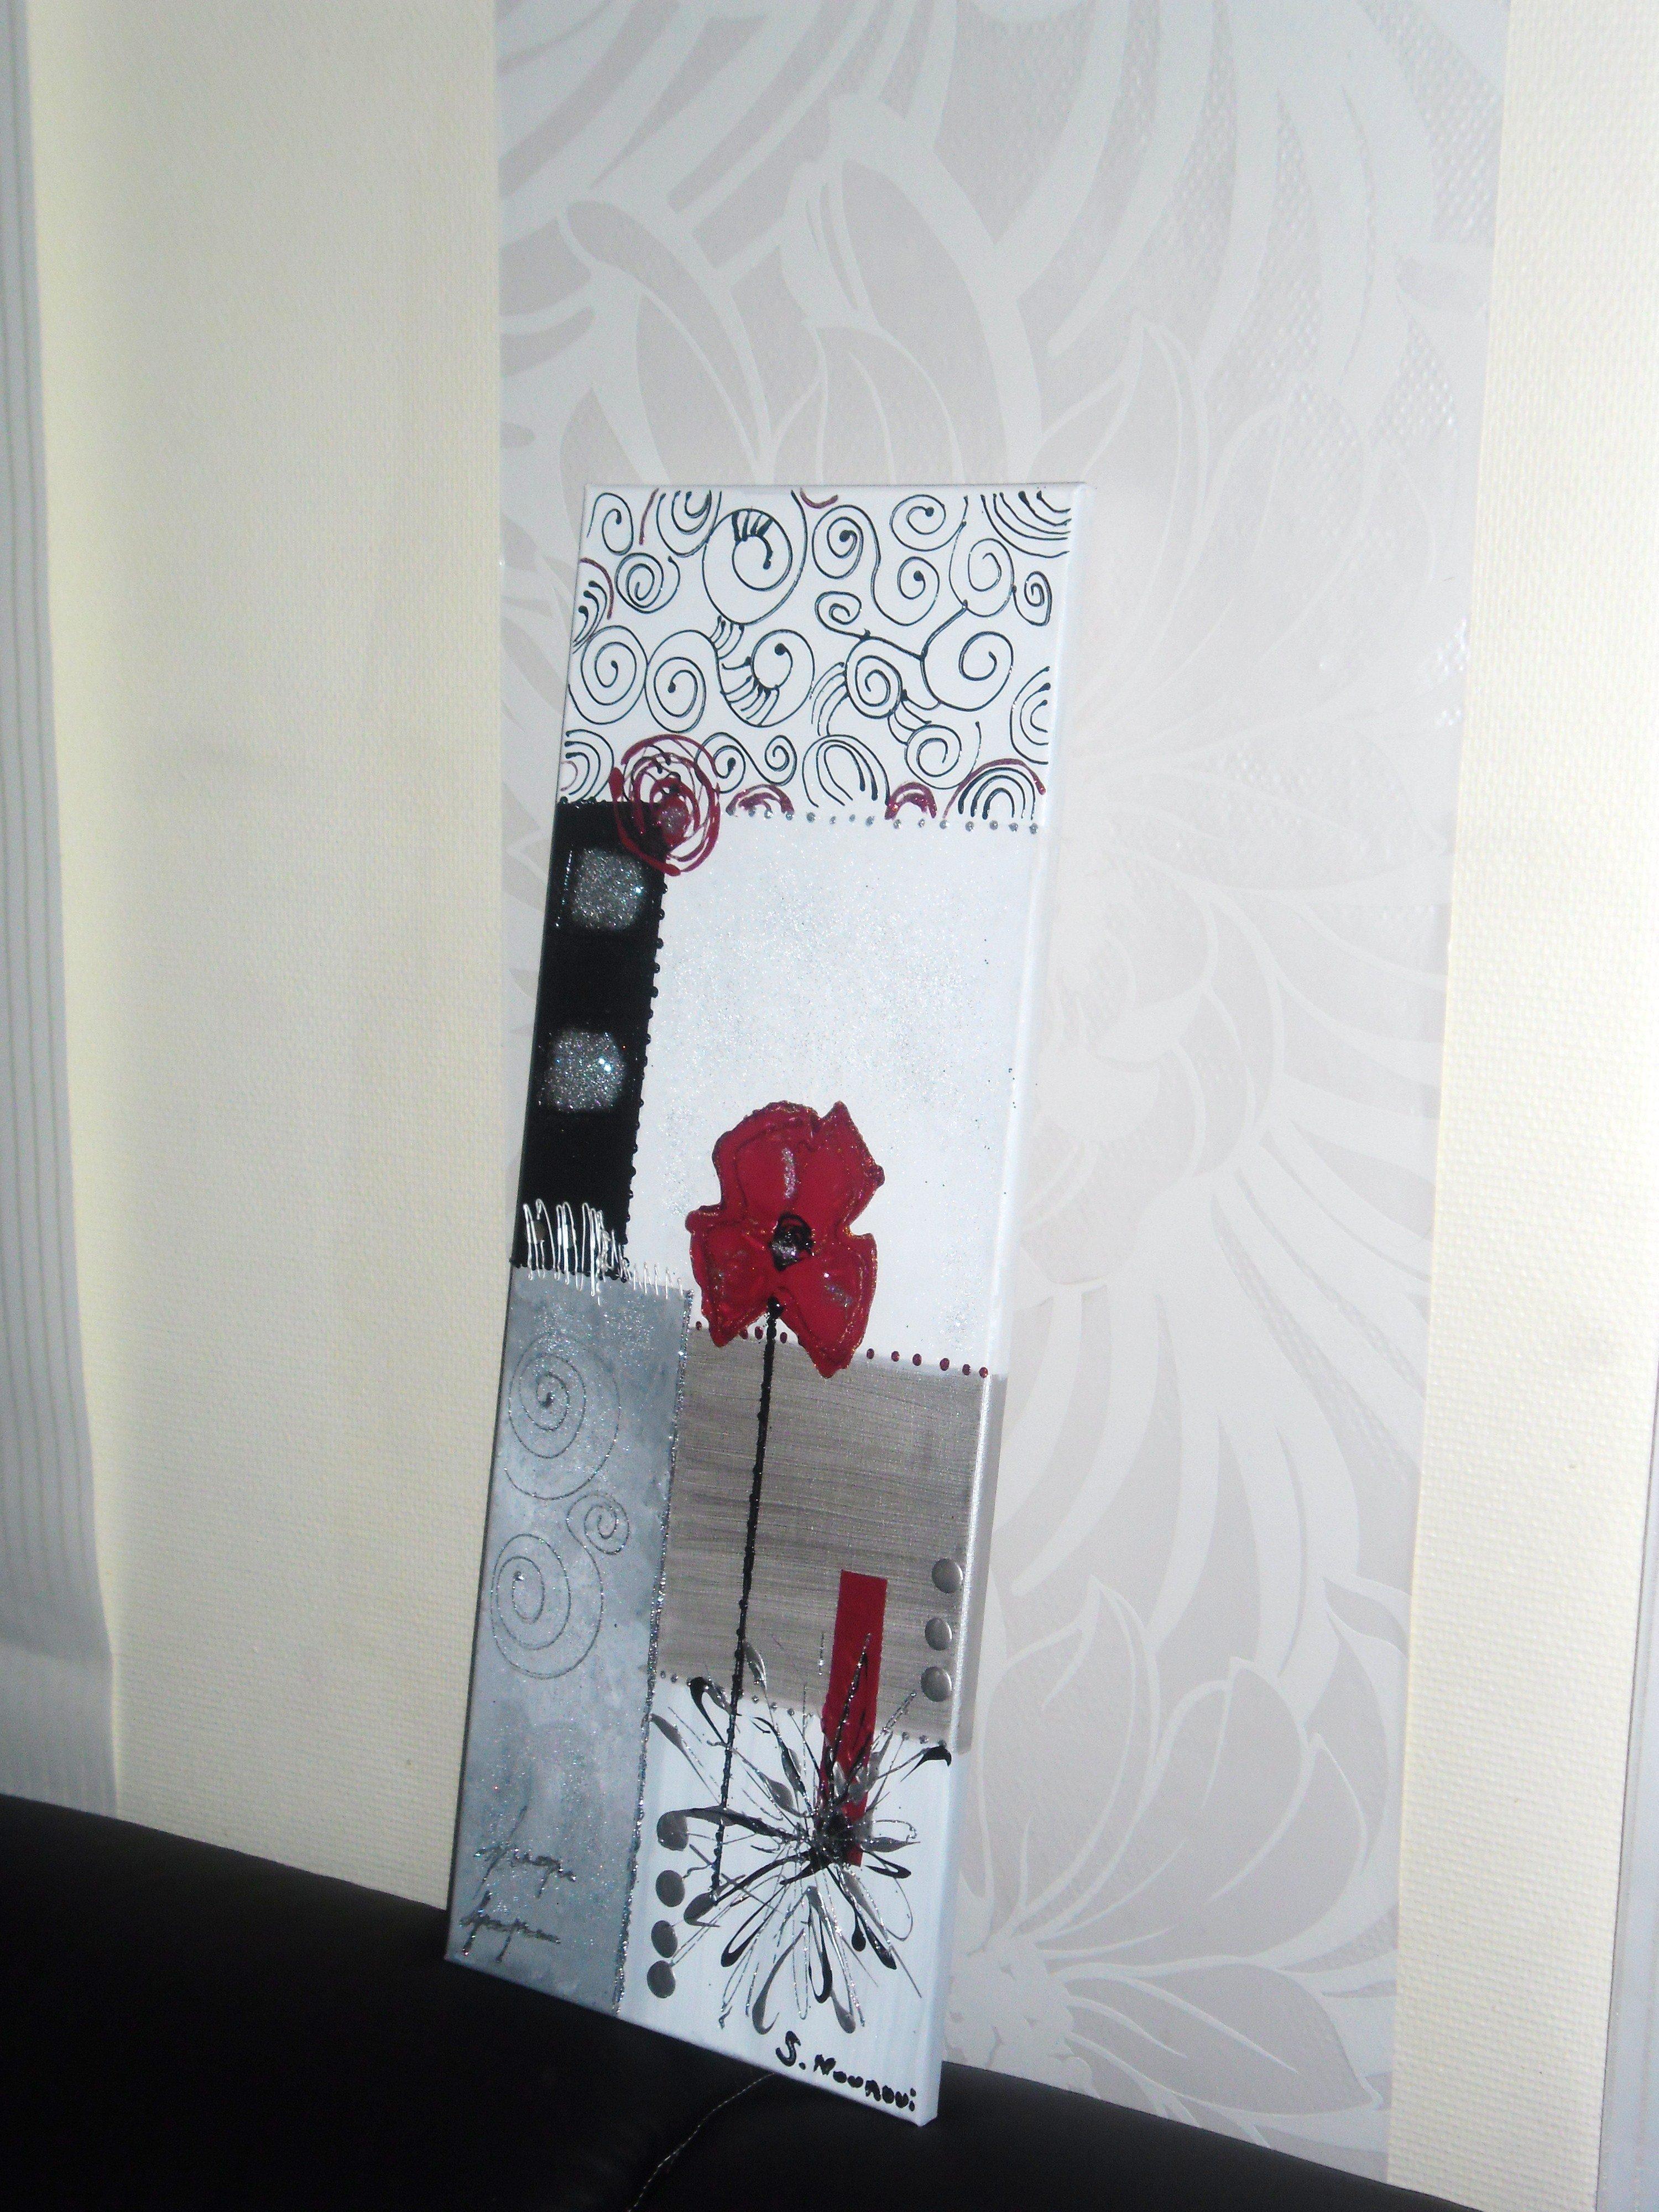 tableau abstrait blanc argent rouge tableau home deco de sabine nouaoui aux pays d adam. Black Bedroom Furniture Sets. Home Design Ideas